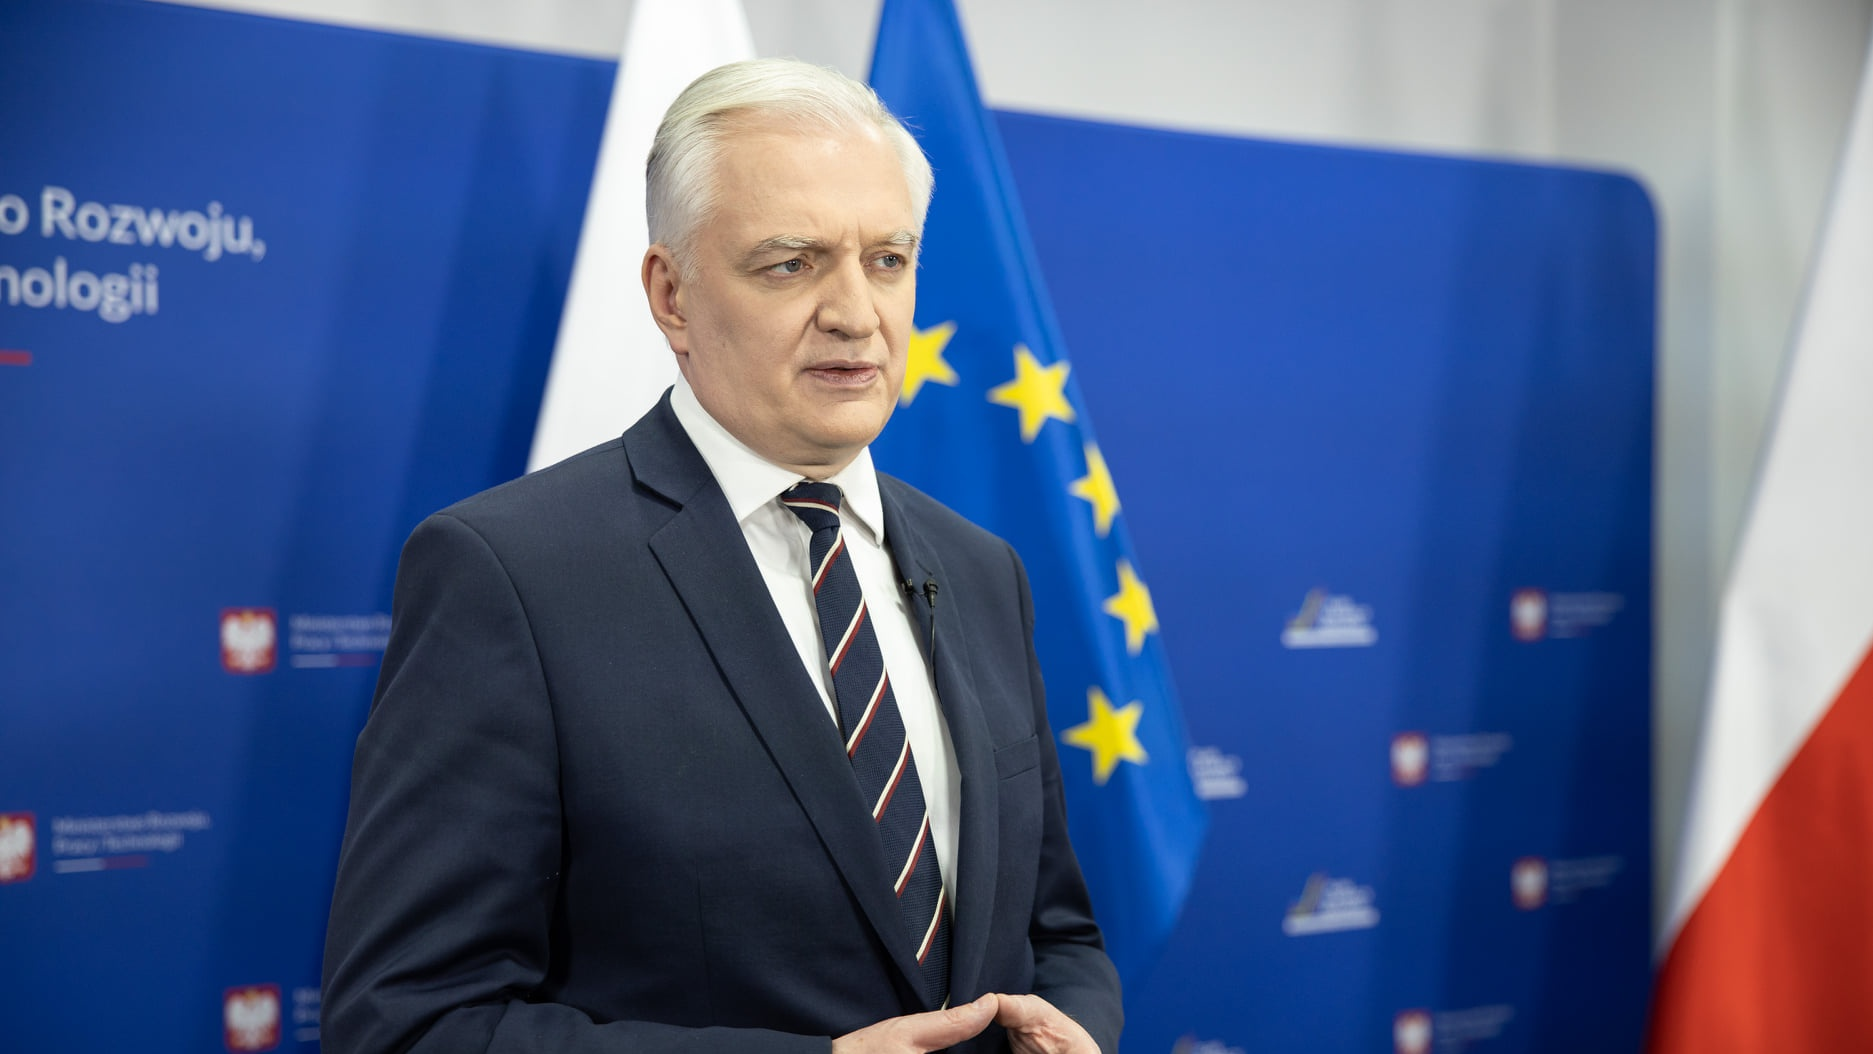 Nieoficjalnie: Gowin zostanie wyrzucony przed głosowaniem nad Polskim Ładem